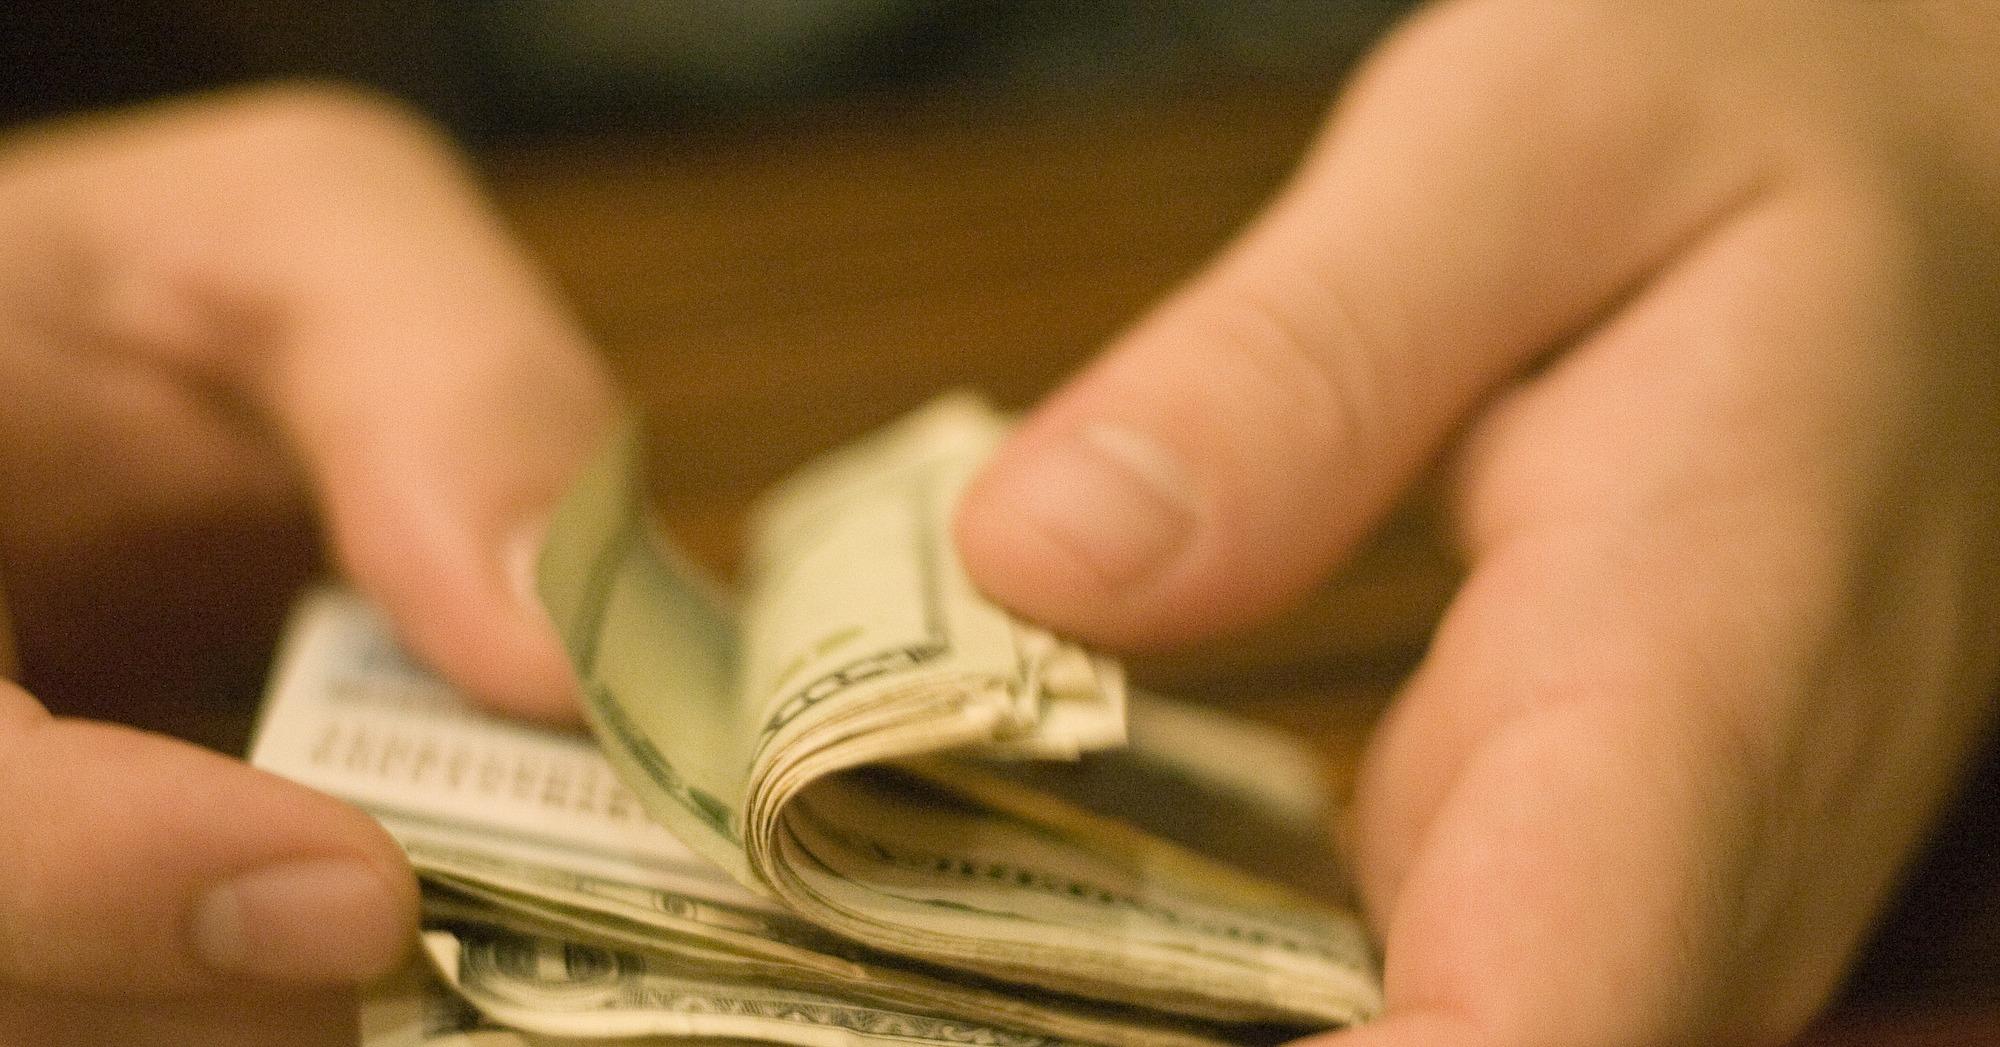 Покупка и продажа валюты в чем разница